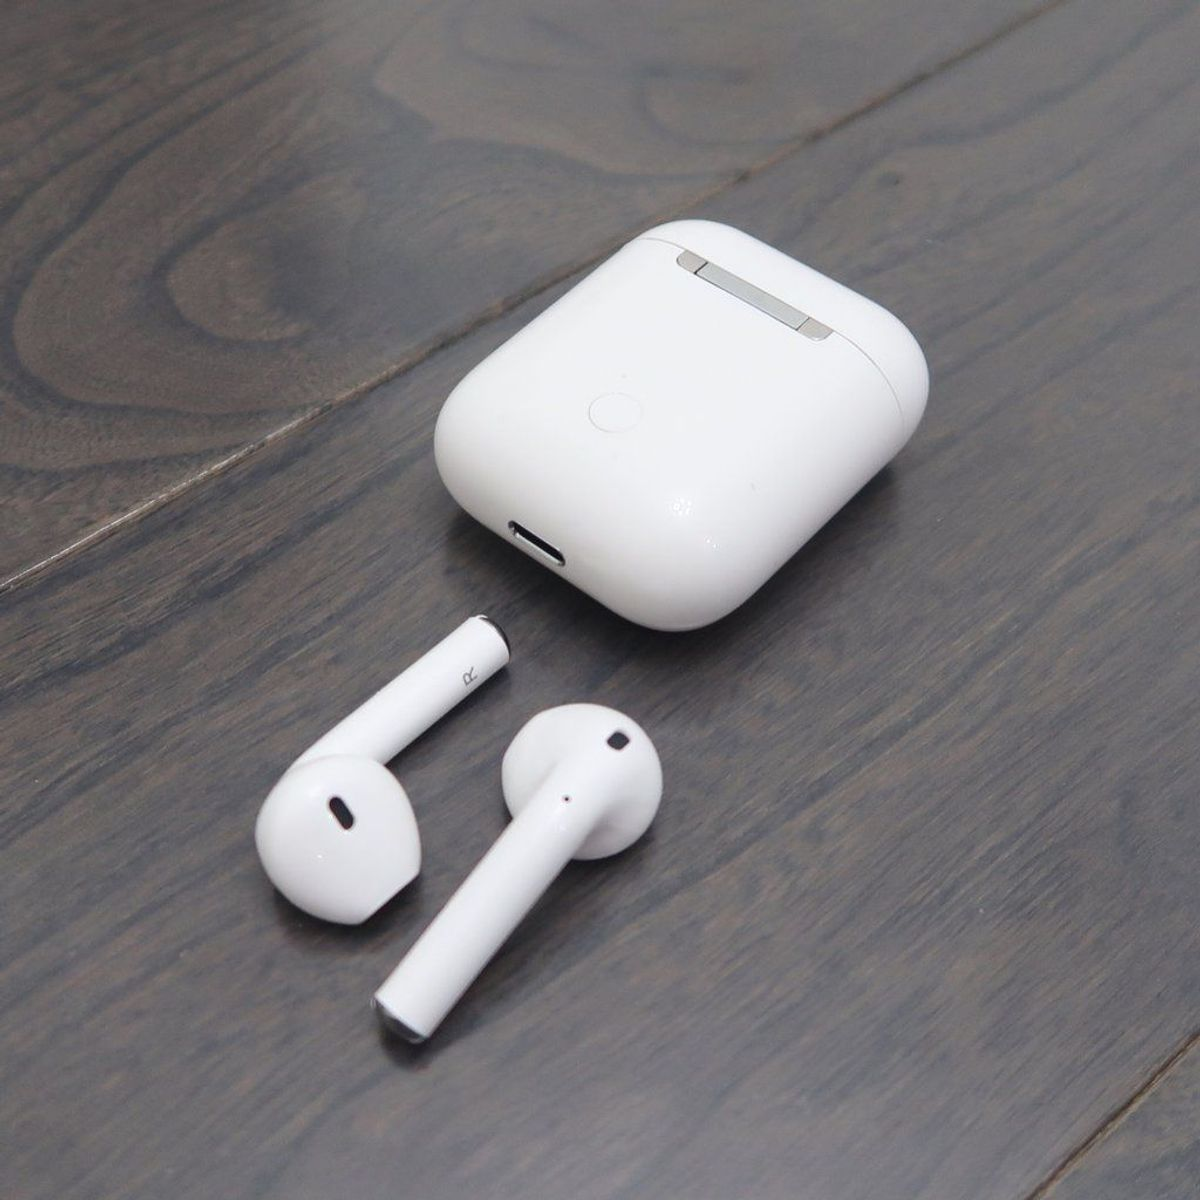 Fone De Ouvido Bluetooth V5.0 Sem Fio Tws I12 Android iPhone